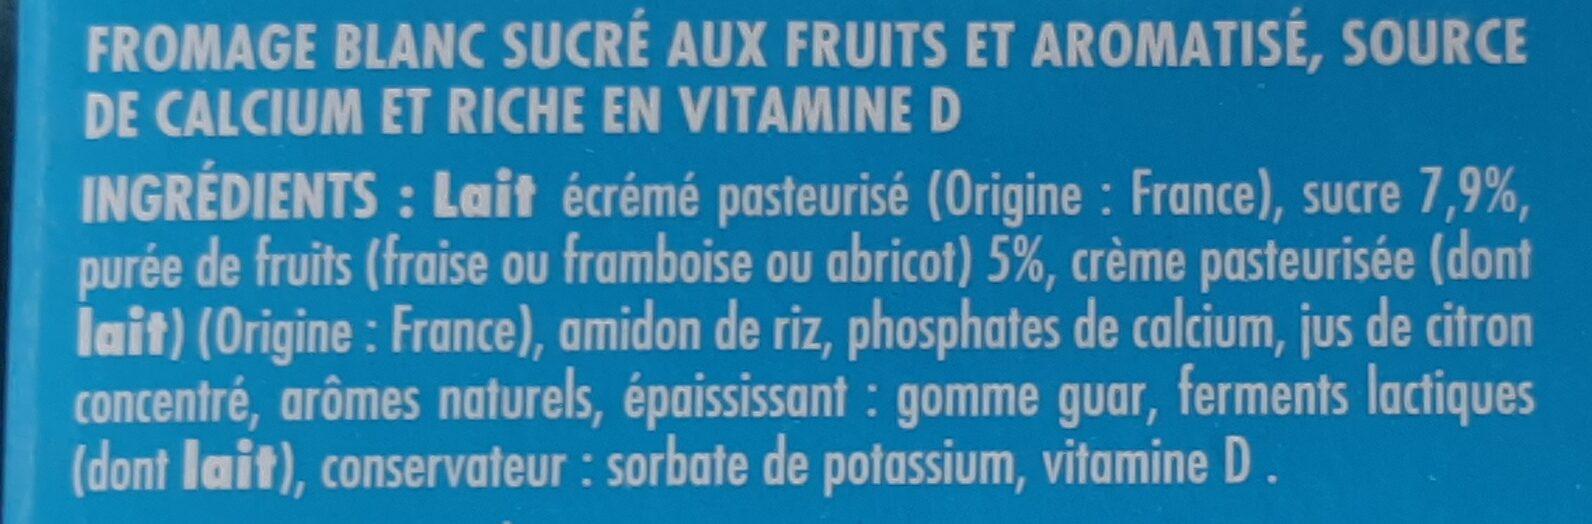 Tubes de fromage blanc aux fruits fraise/framboise/abricot - Ingrédients - fr